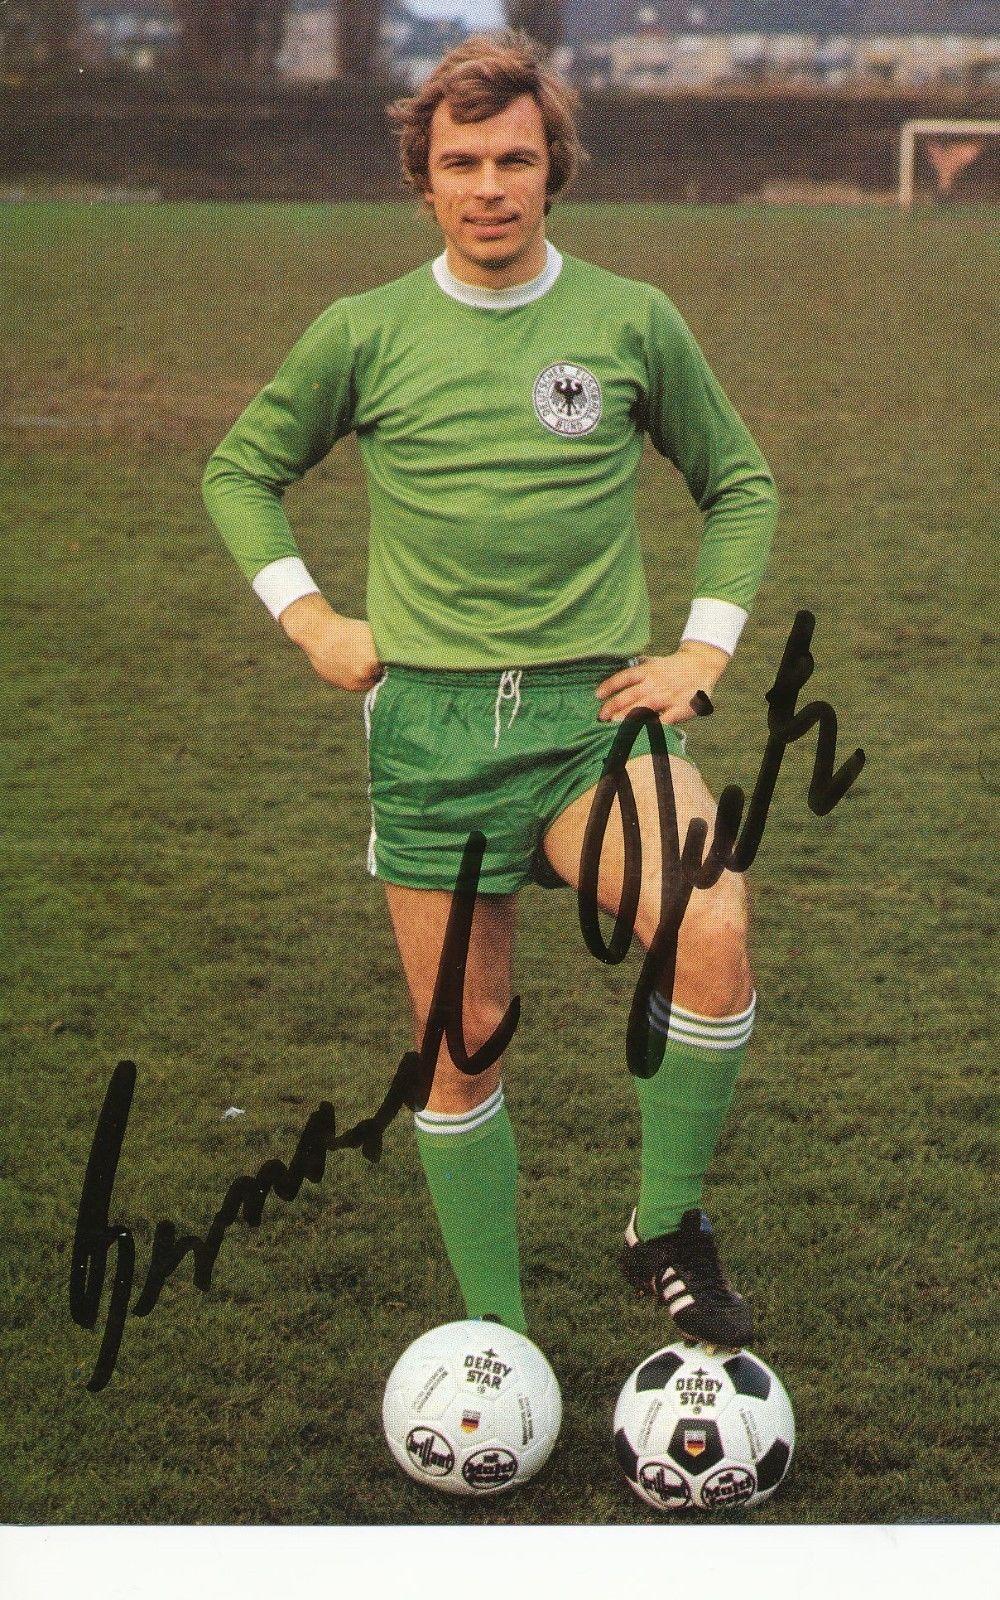 Bernard Dietz Dfb Wm 1978 Autogrammkarte Original Signiert 267520 Dfb Dfb Nationalmannschaft Deutschland Fussball